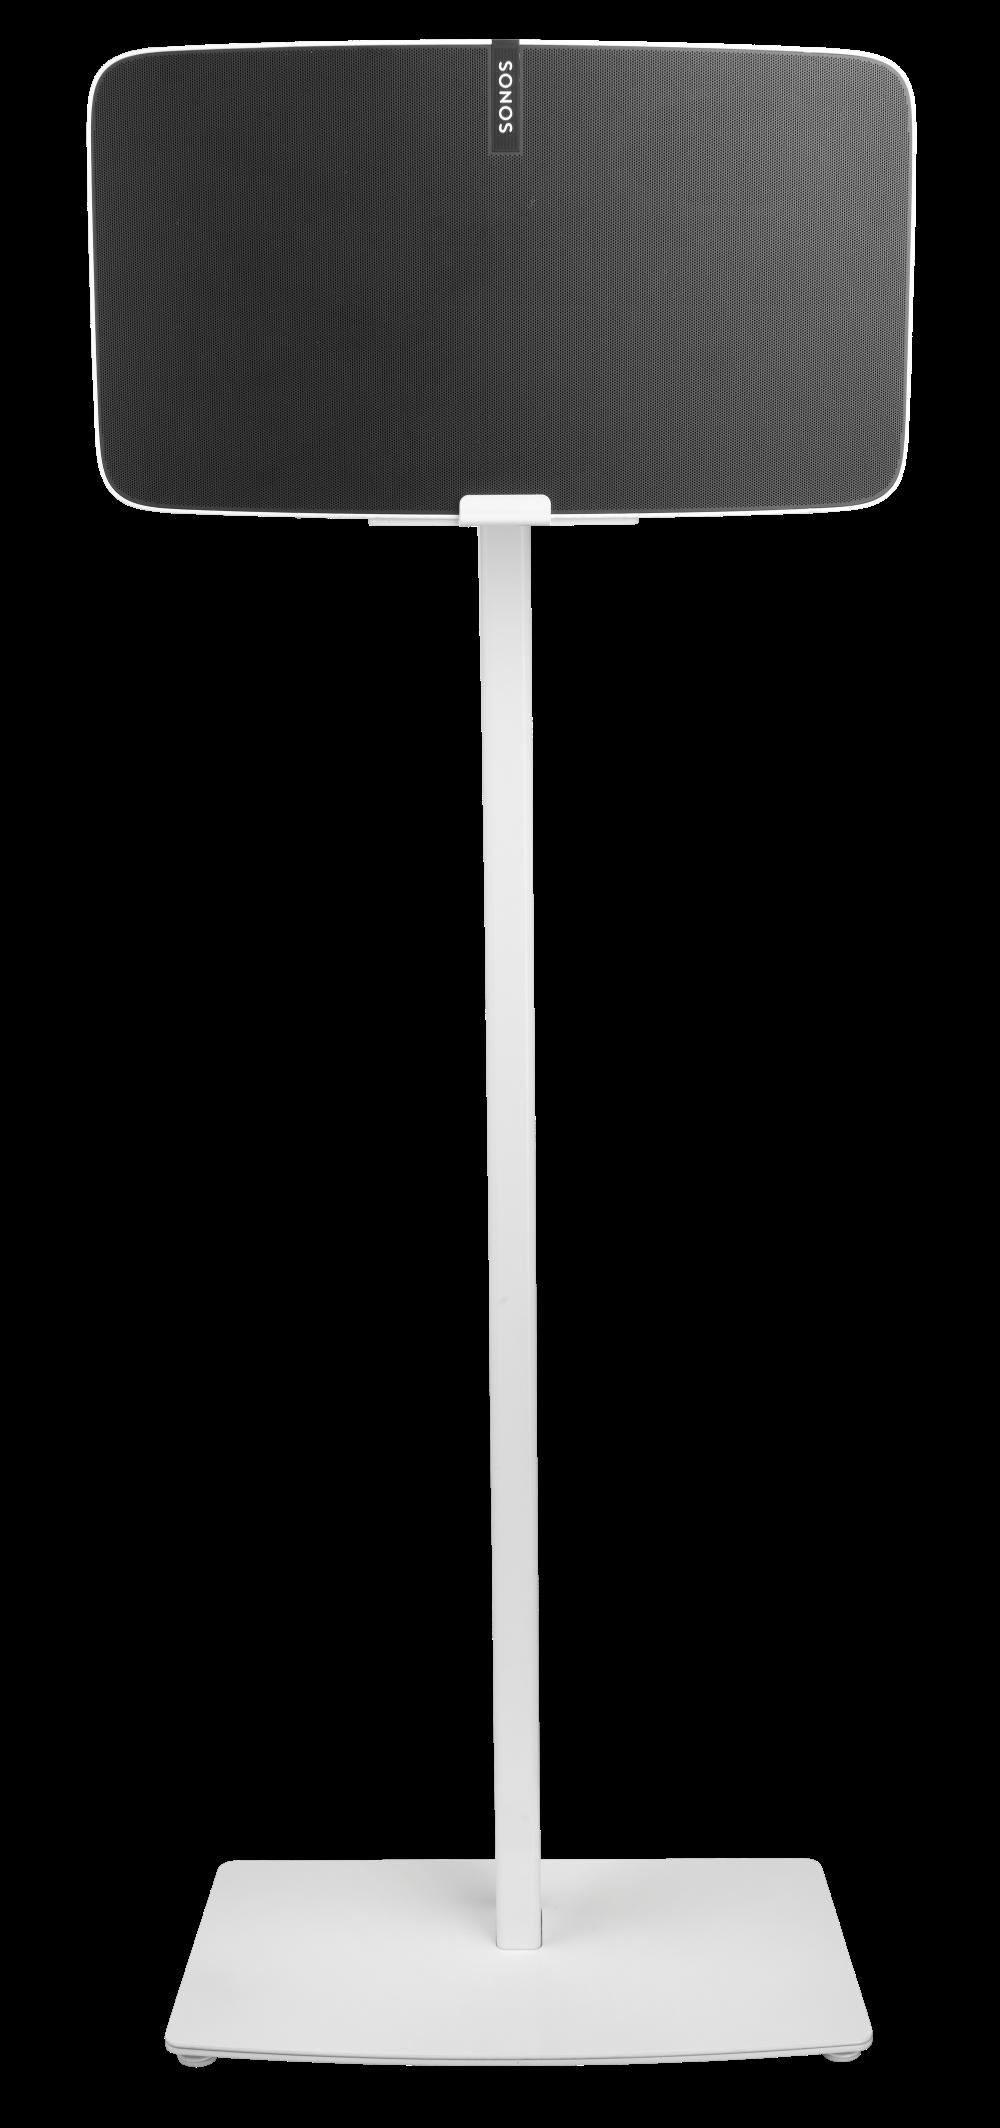 Cavus Vloerstandaard voor Sonos Five / Play:5 wit